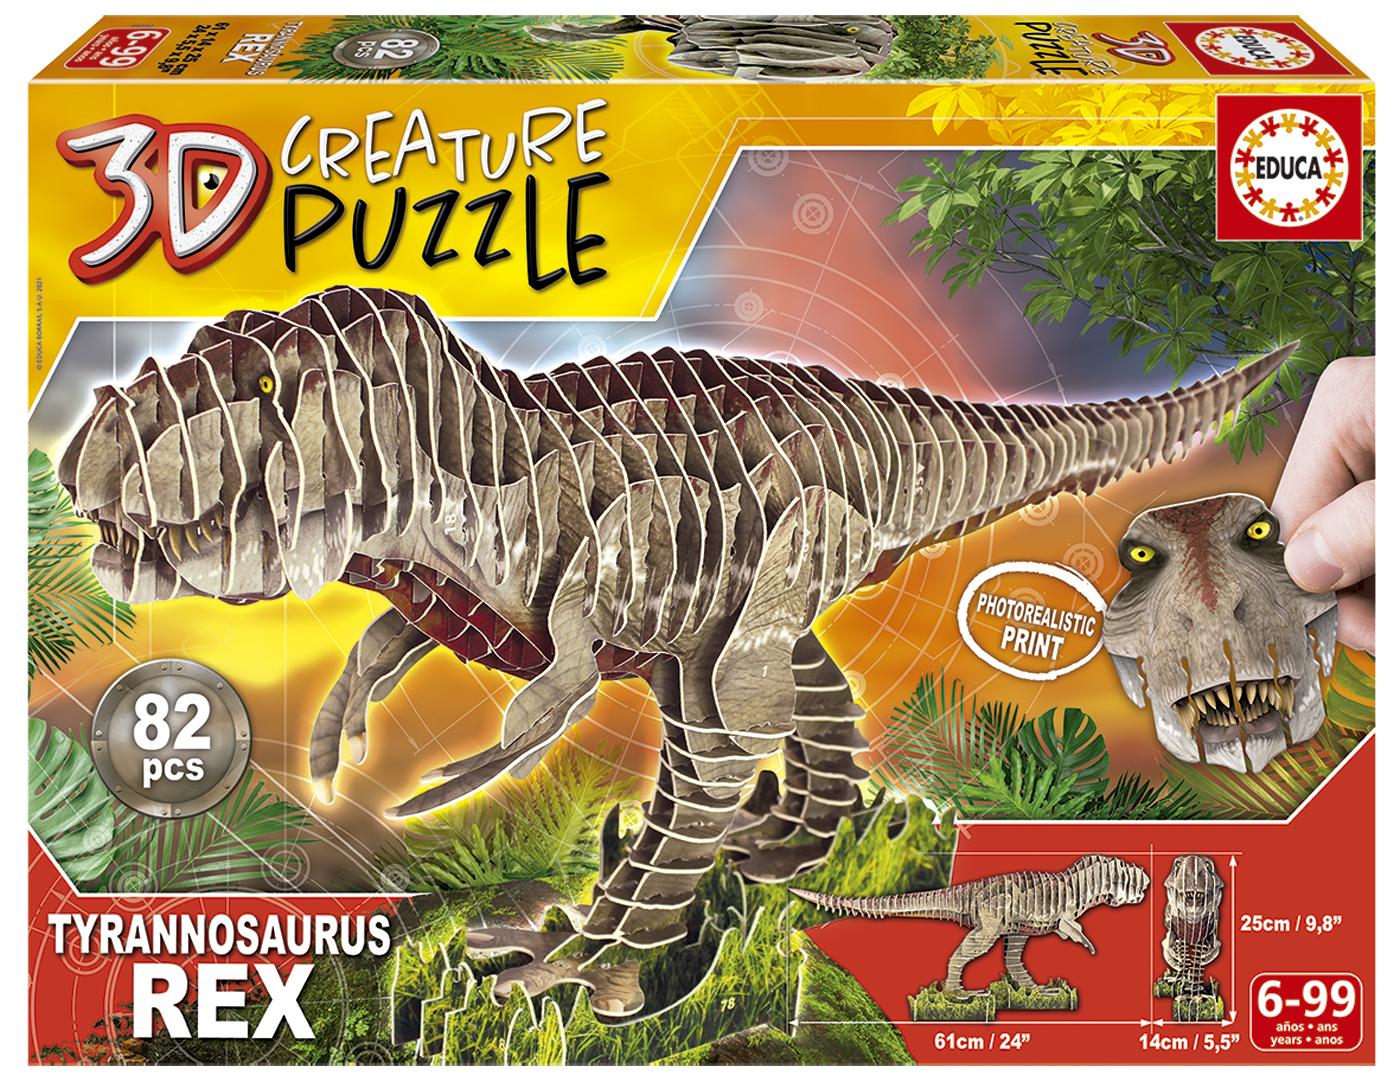 T-Rex 3D Creature Puzzle